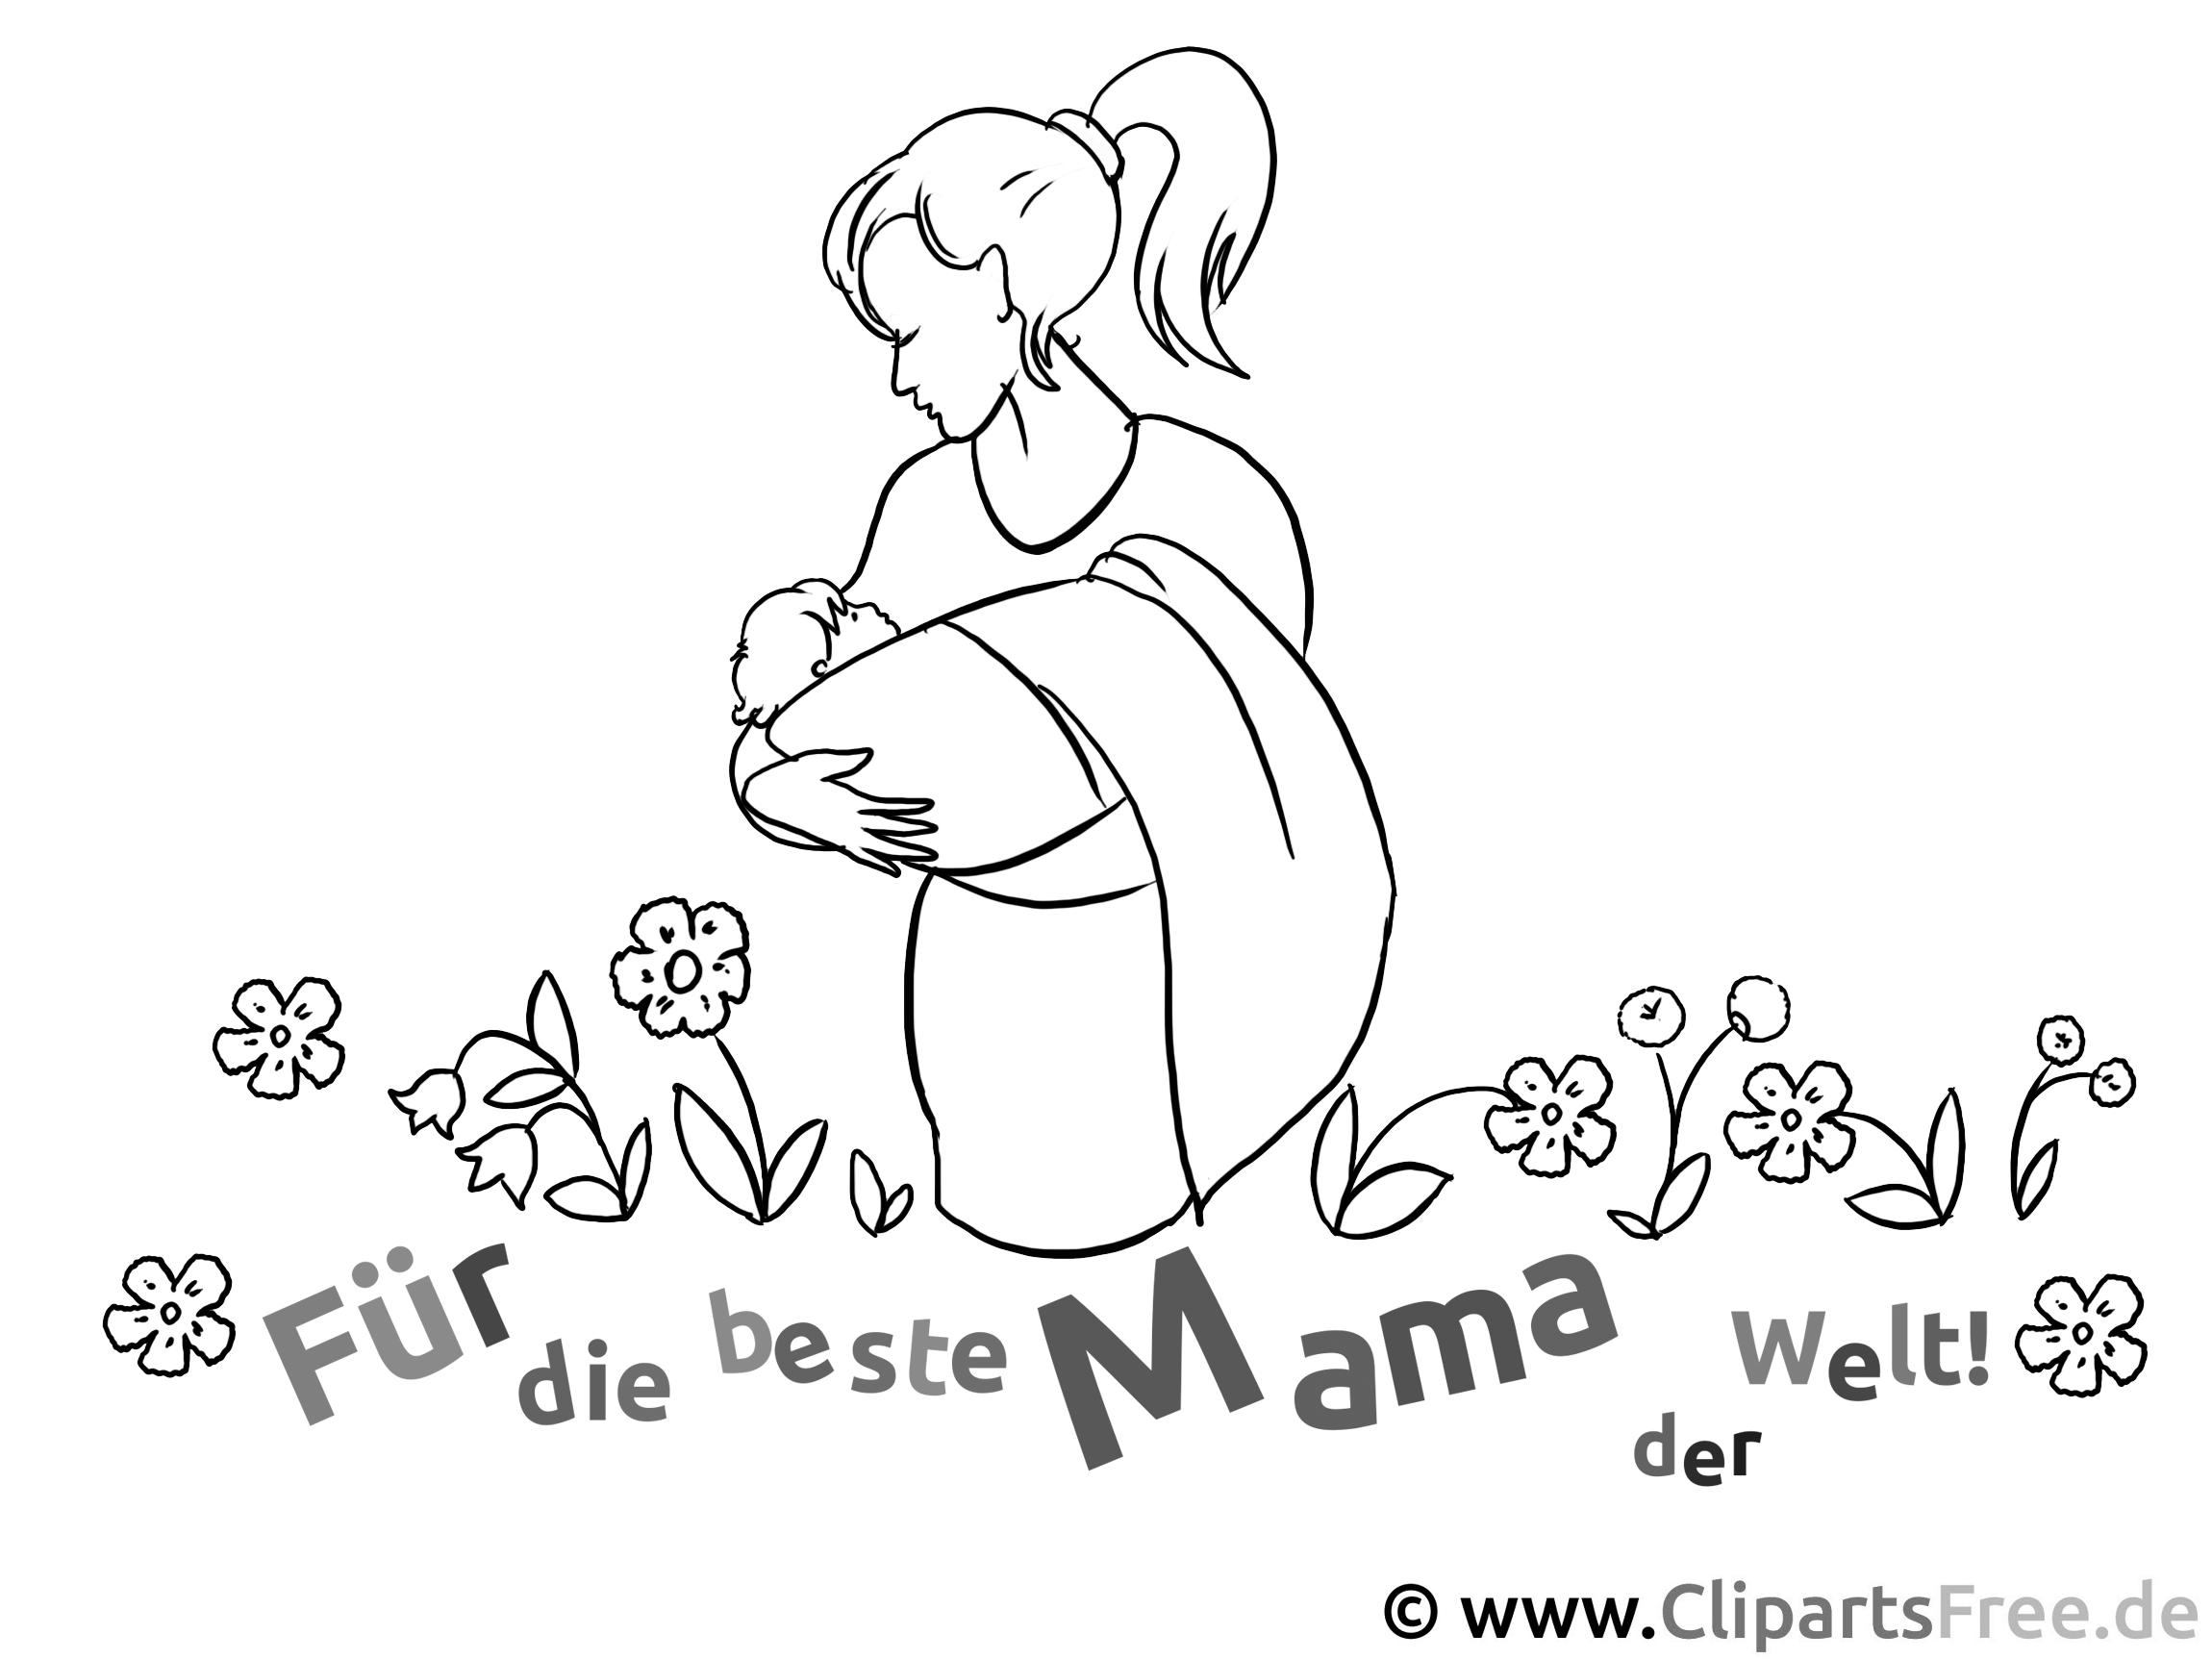 Ausmalbilder Zum Muttertag